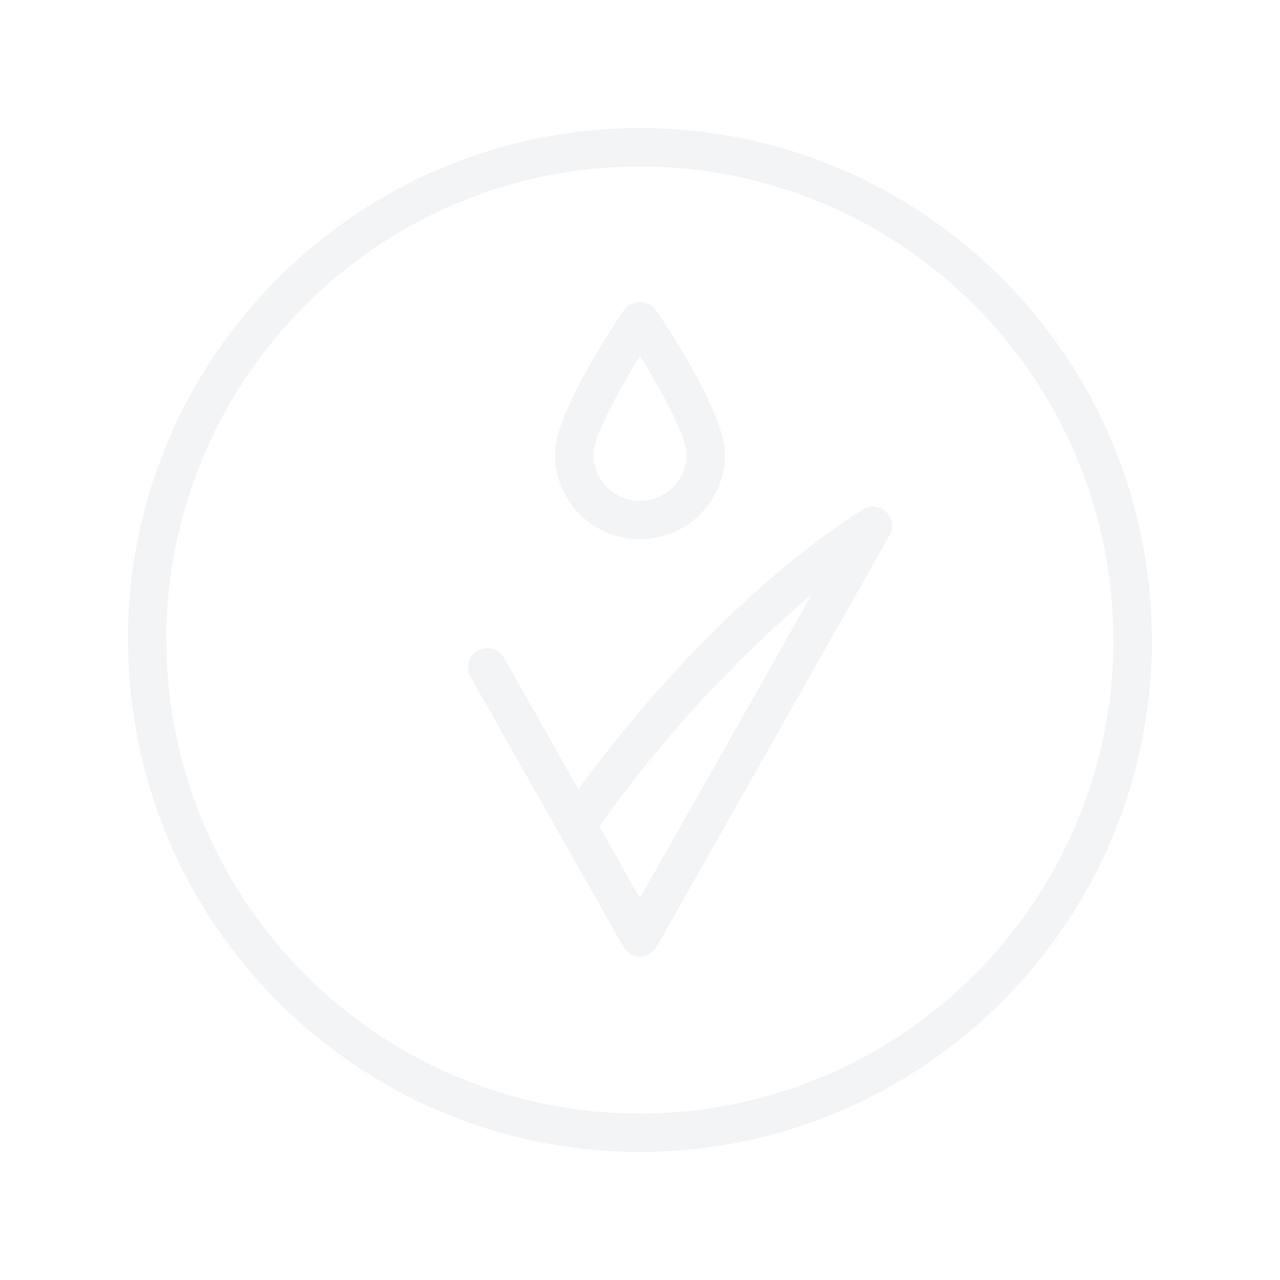 Elizabeth Arden 8 Hour Hand Cream 75ml